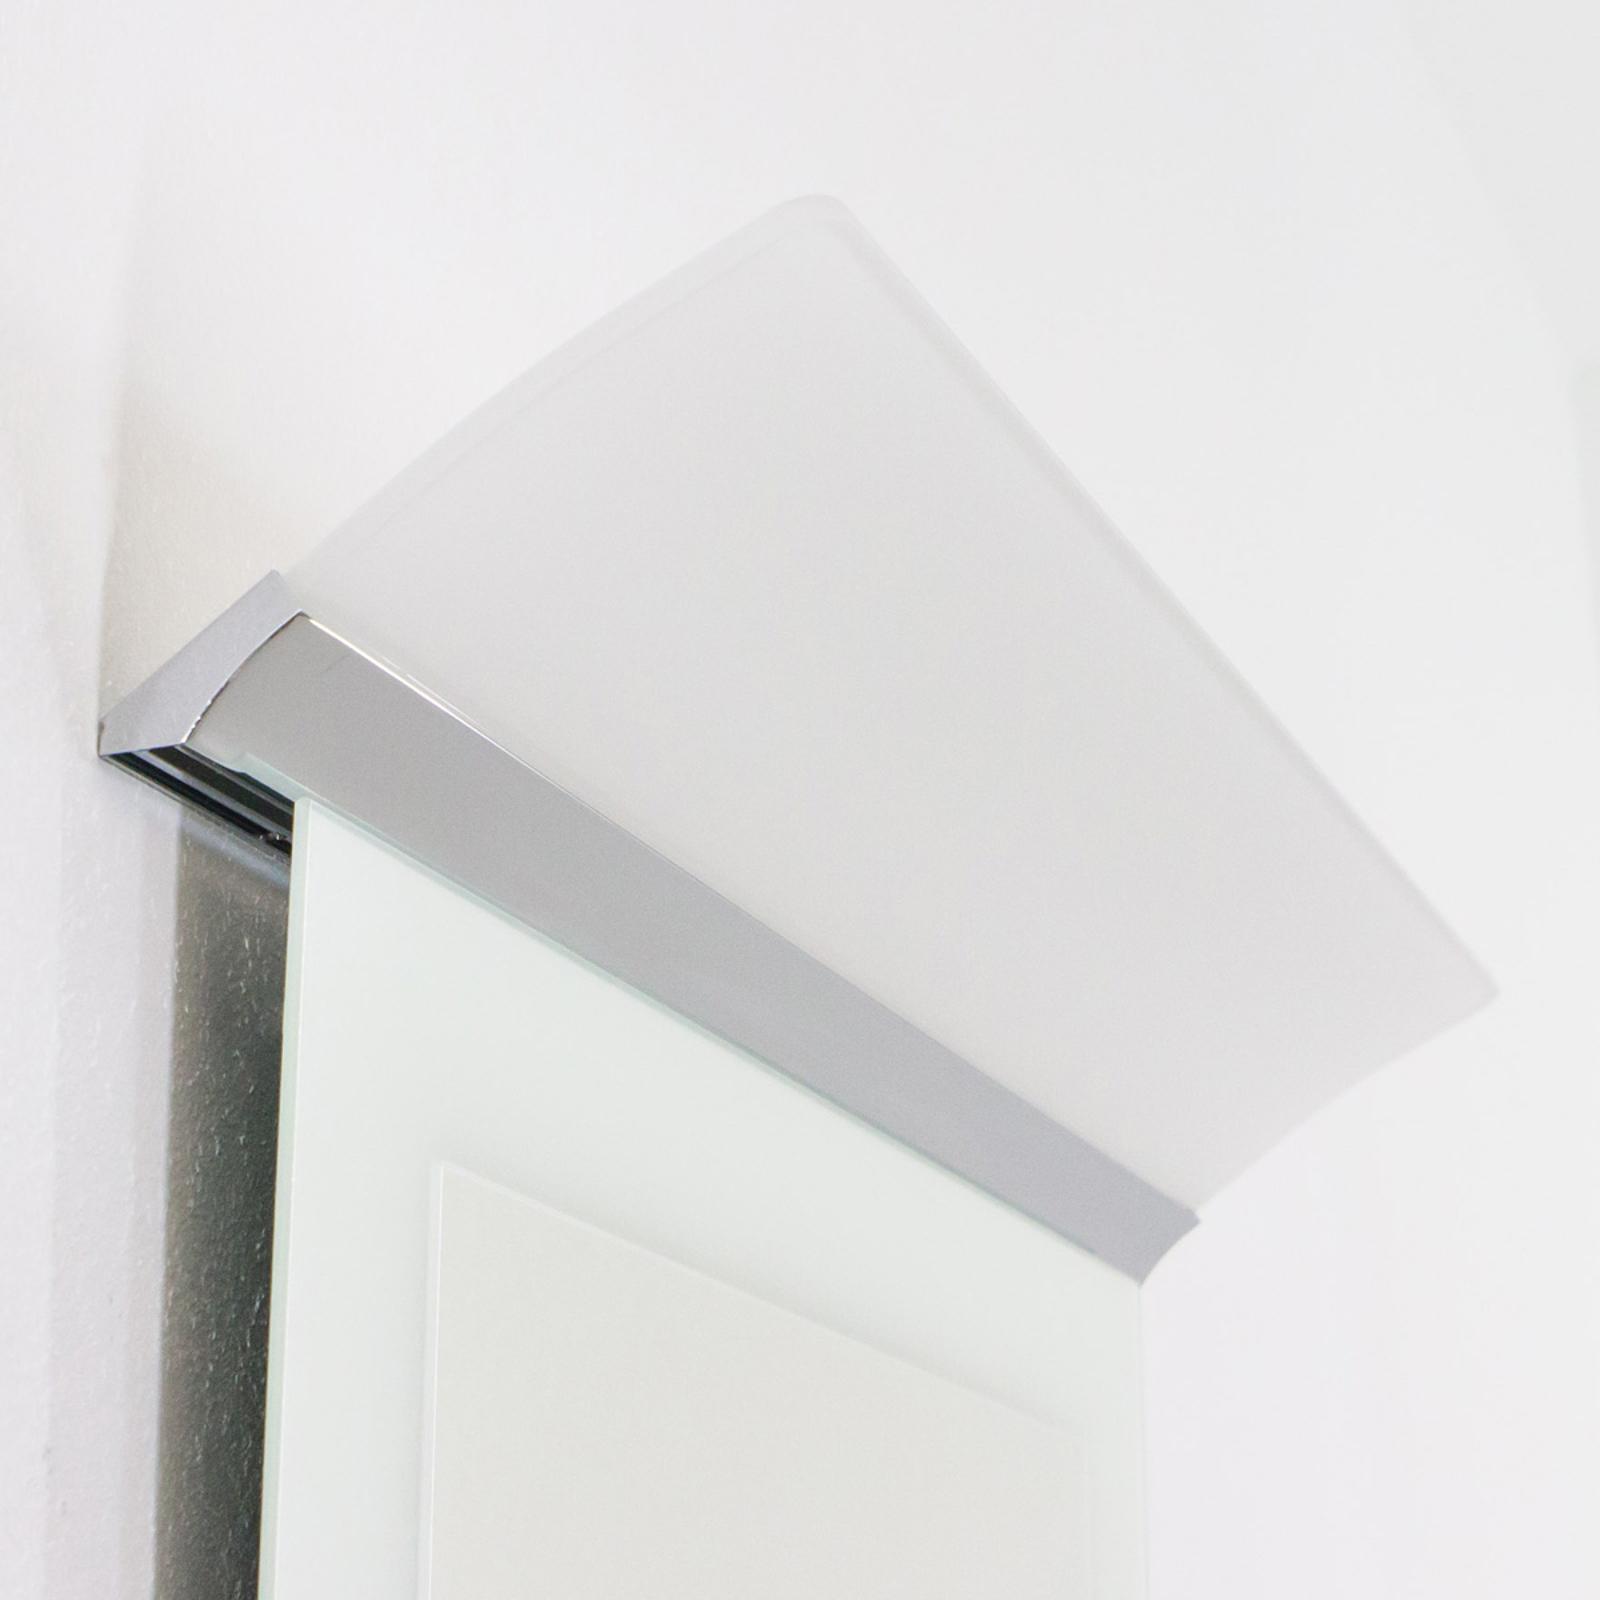 Flächige LED-Spiegelleuchte Angela, IP44, 50 cm